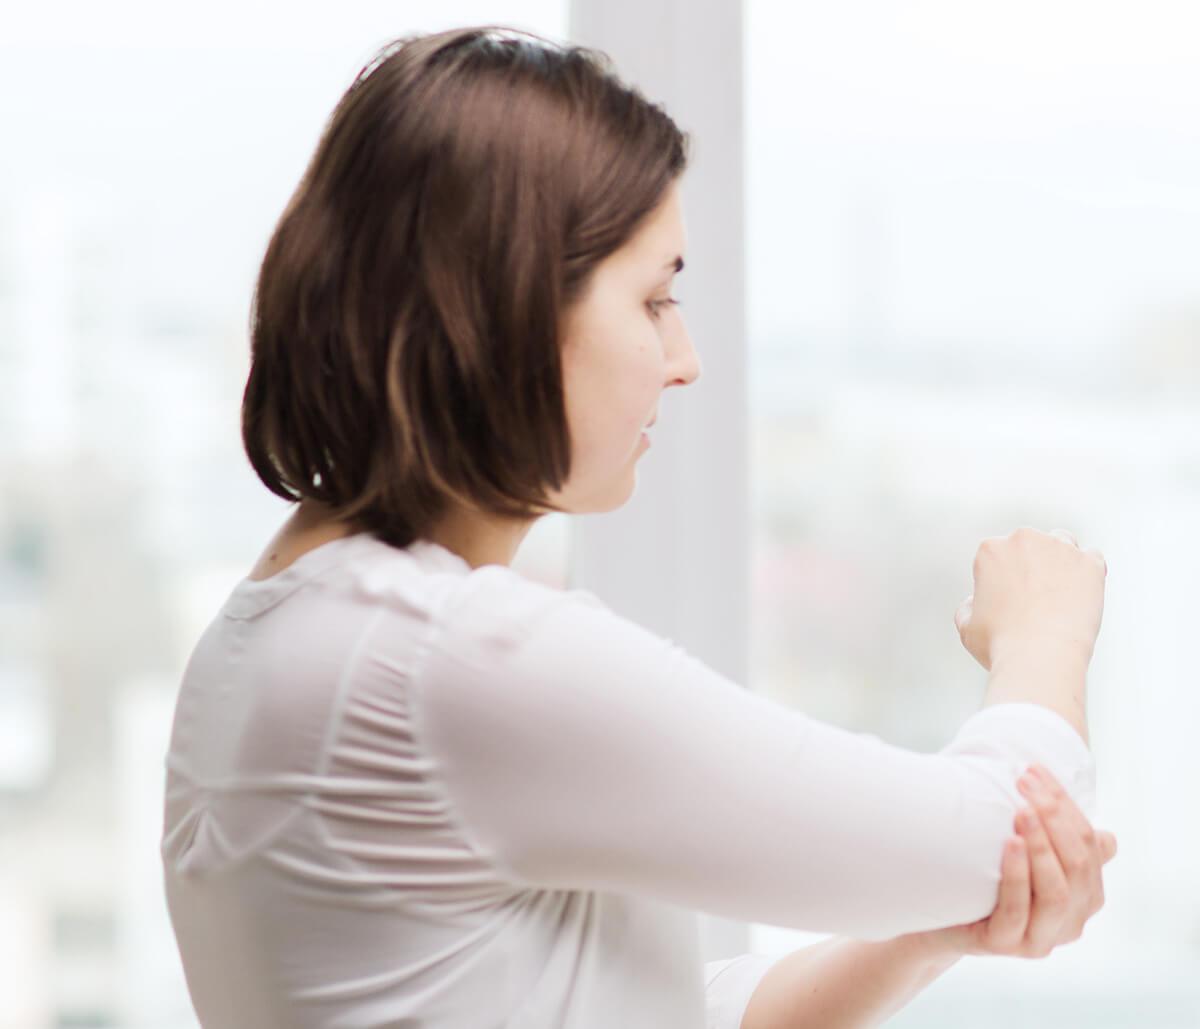 Encinitas, CA specialist discusses latest treatment options for psoriatic arthritis